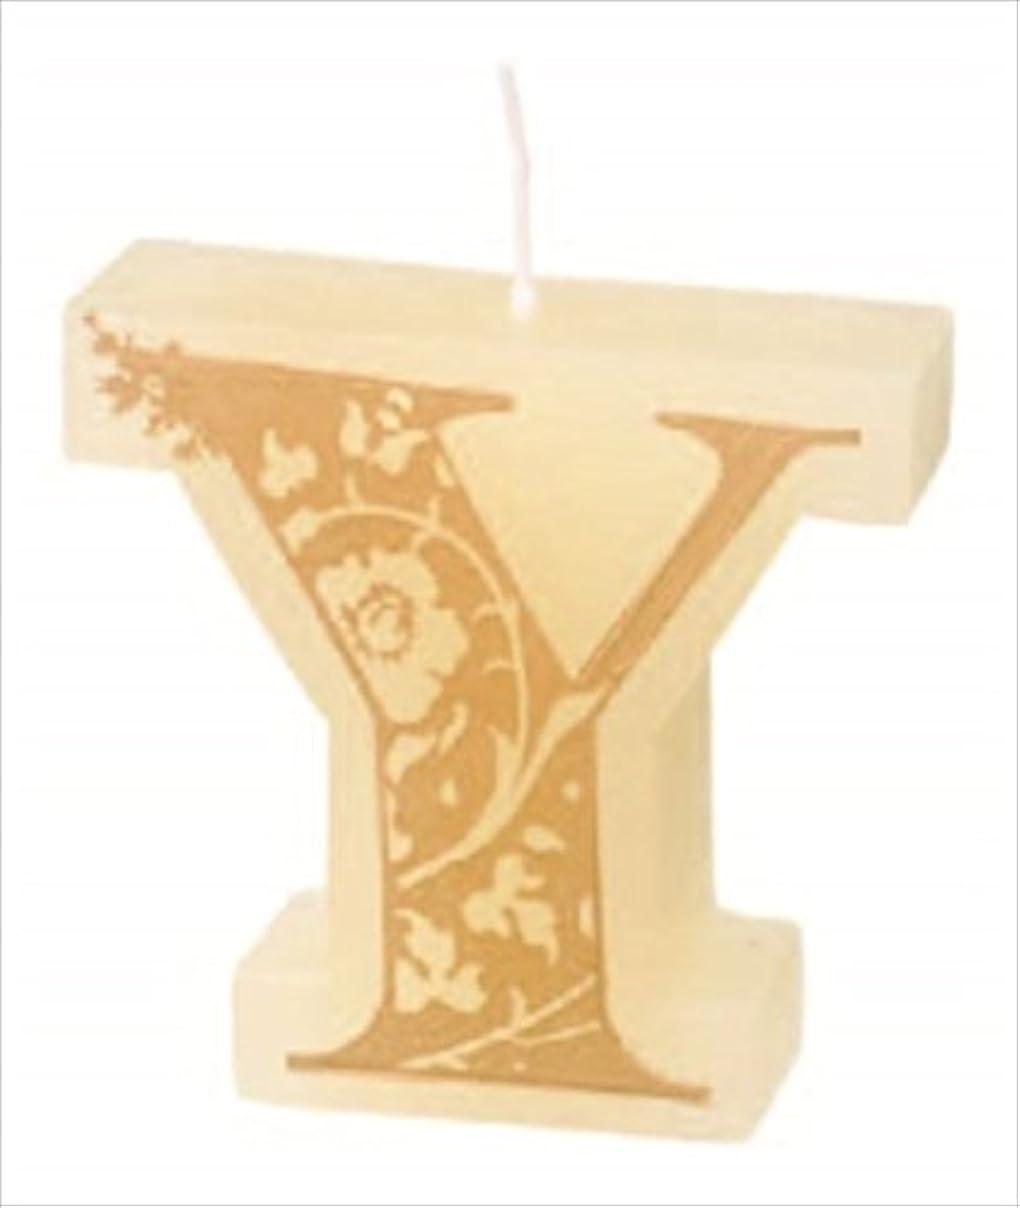 カメヤマキャンドル(kameyama candle) イニシャルキャンドルミニ 「 Y 」